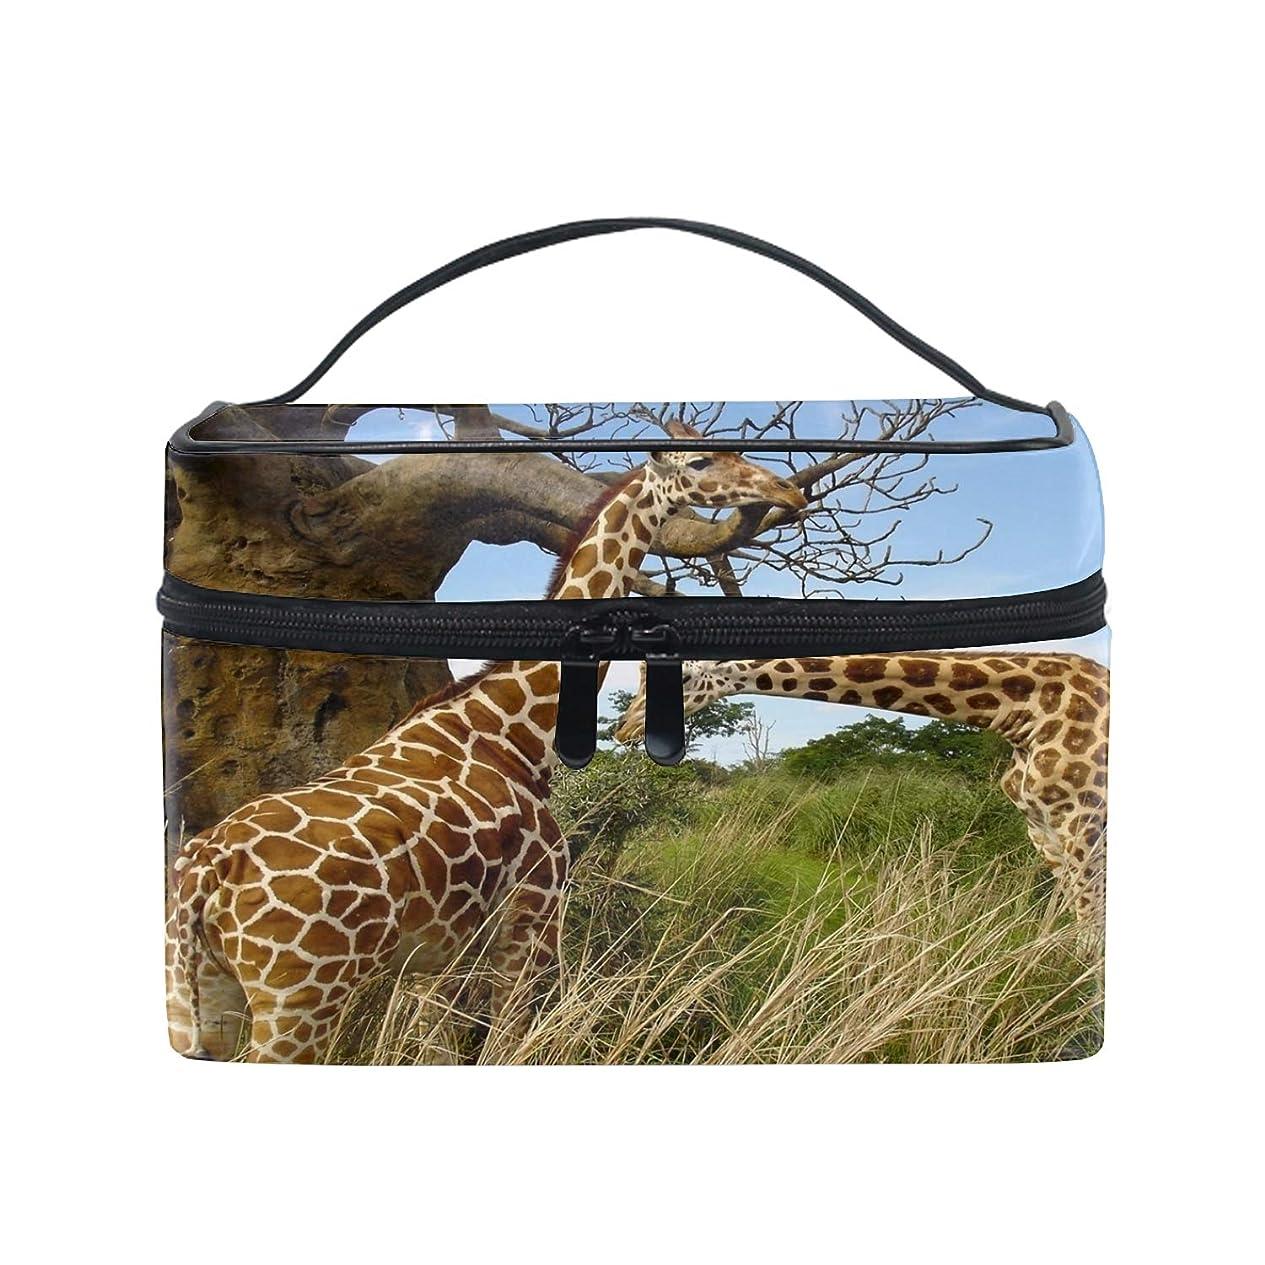 博物館不機嫌マオリ可愛いユニークポーチ 小物入れ動物キリン 軽量 防水 旅行も便利 撥水する防水ポーチ